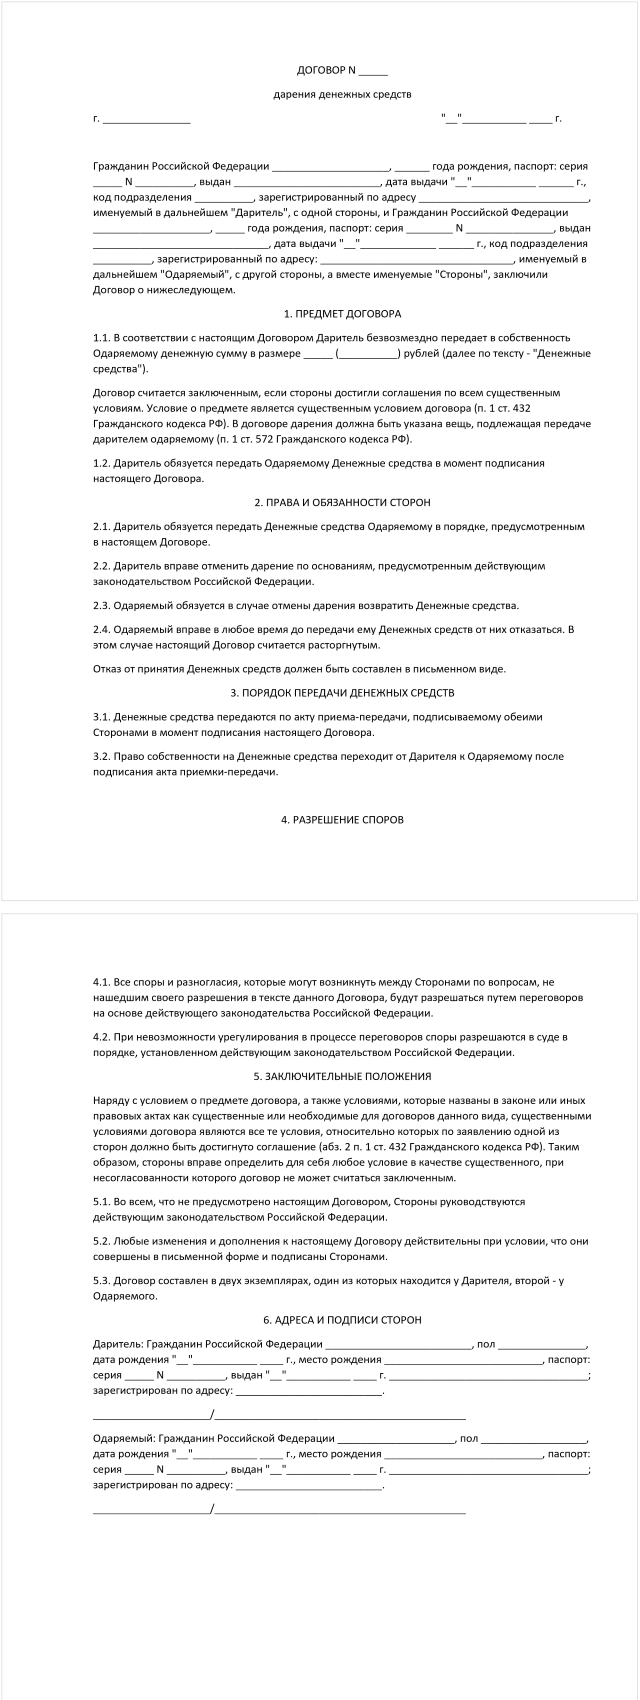 obrazec-dogovora-dareniya-denezhnyh-sredstv